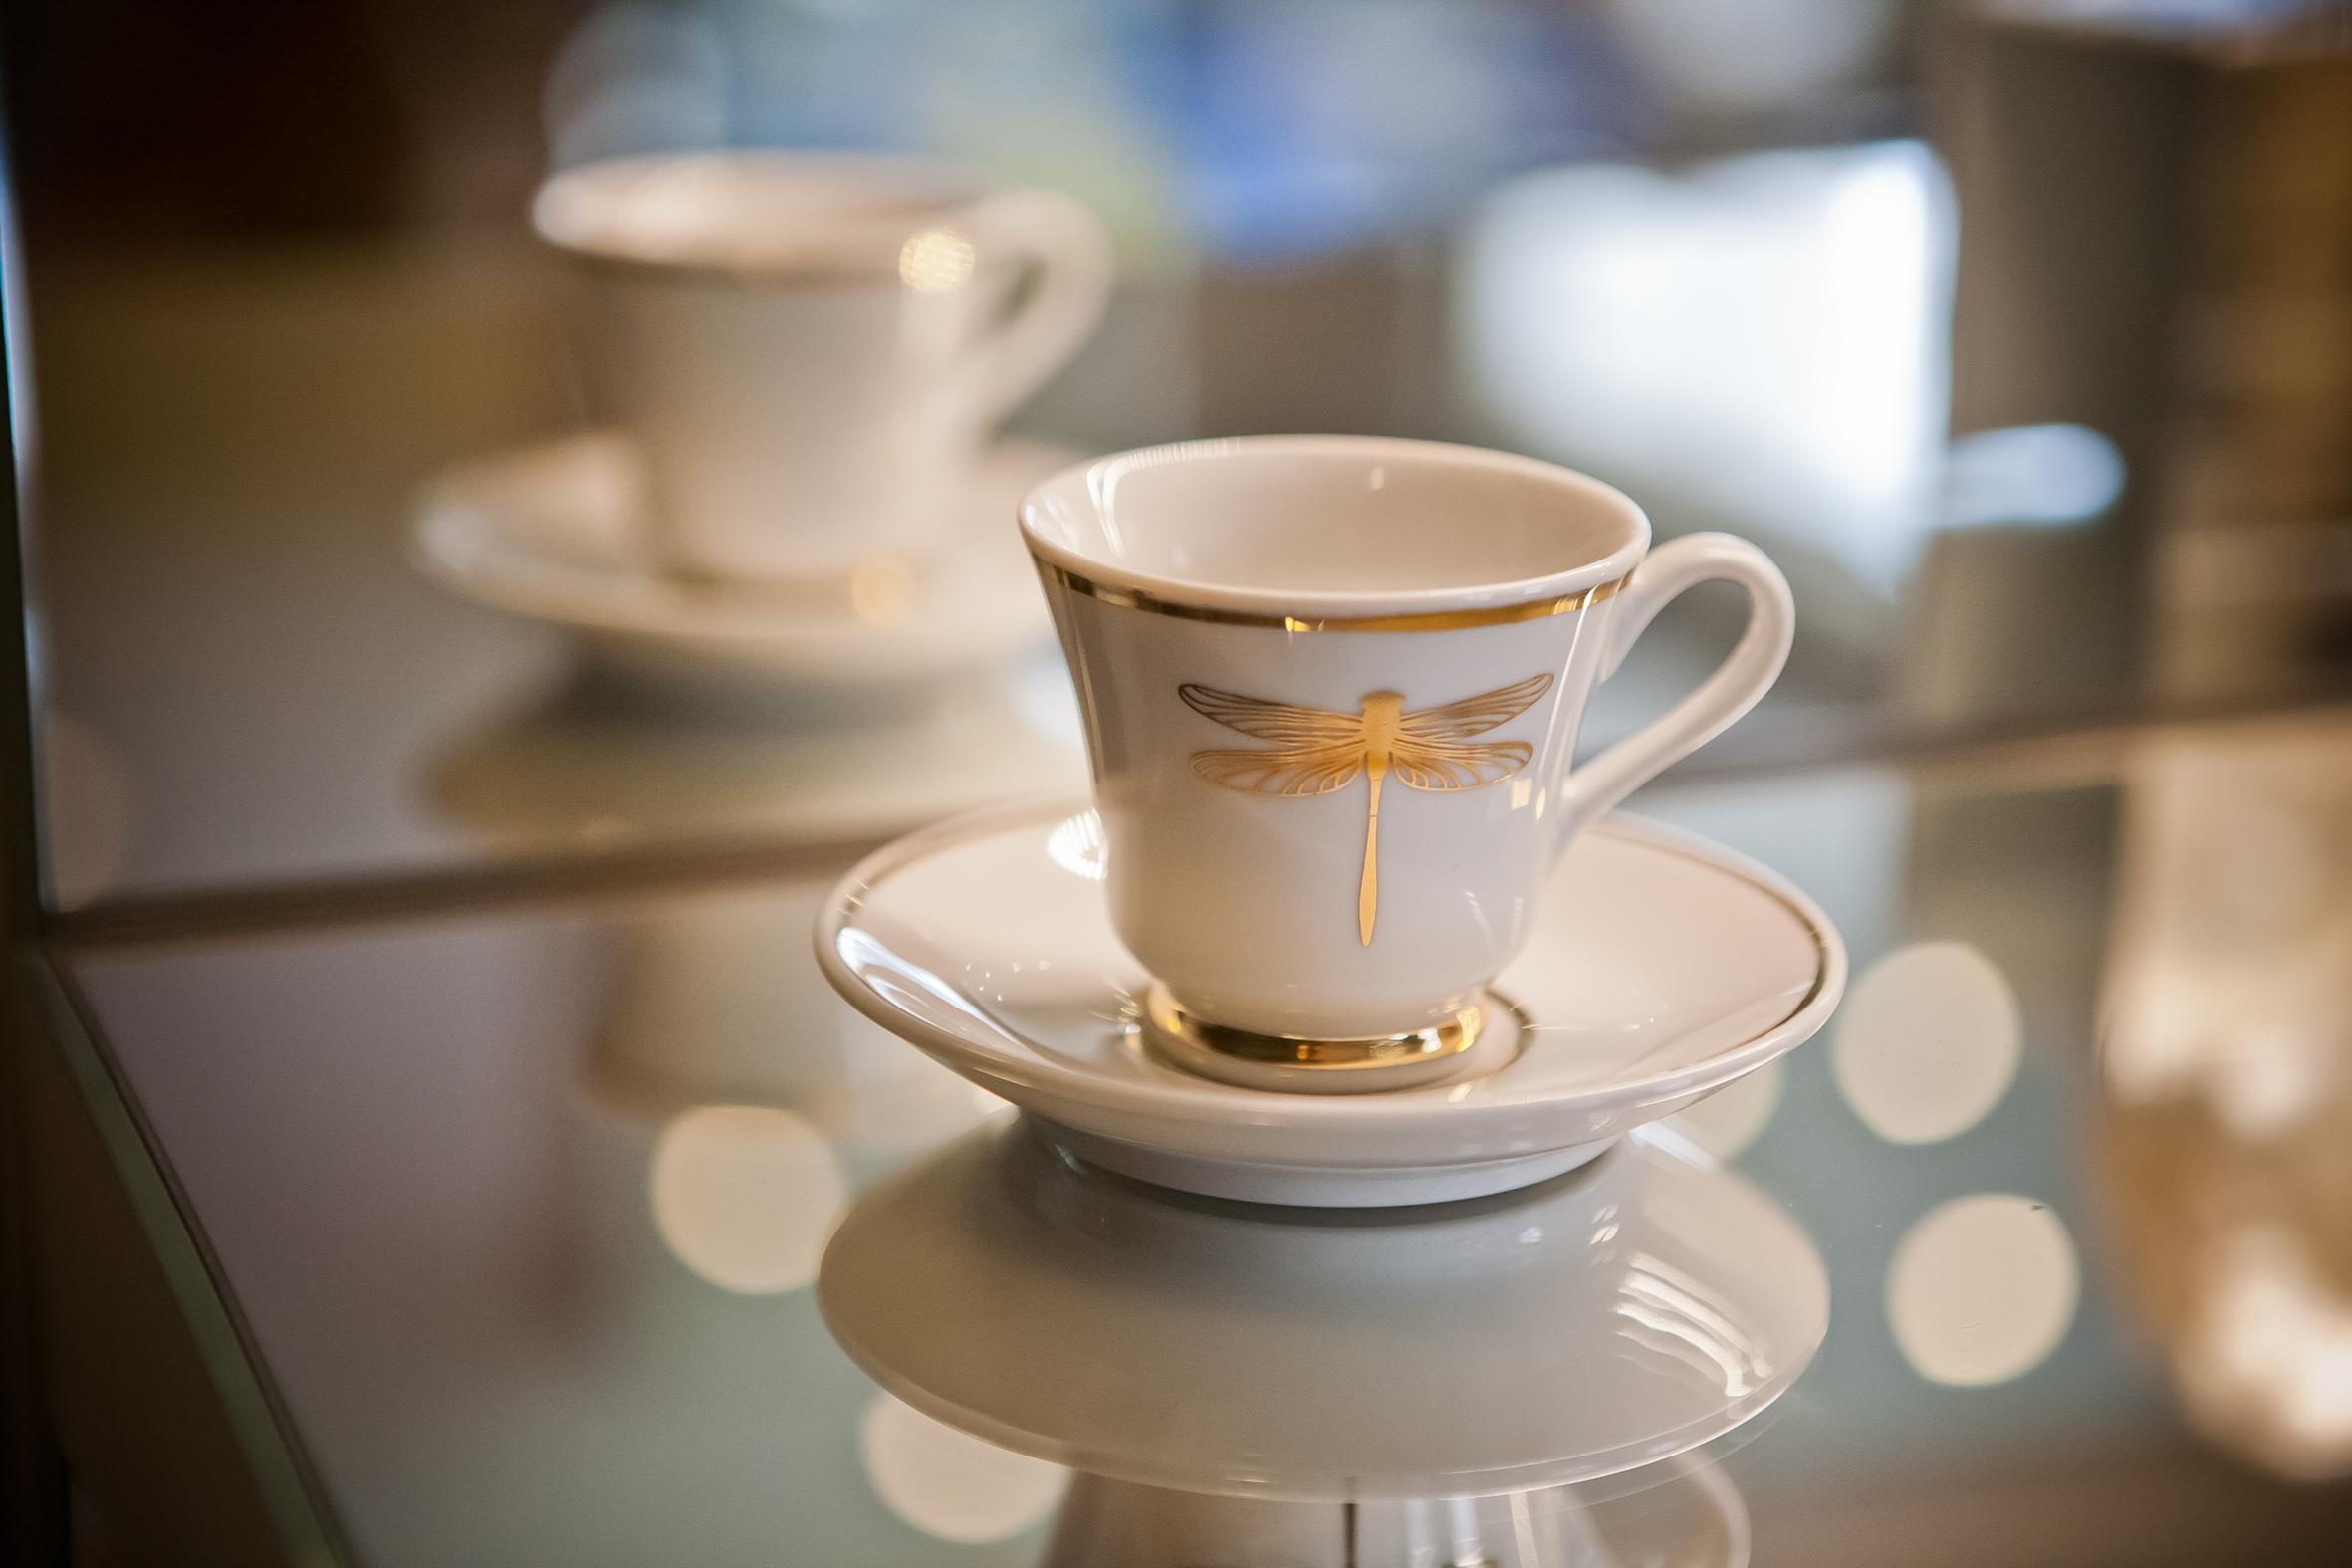 Detalhe xícara de libélula pintada à mão com tinta a base de ouro.